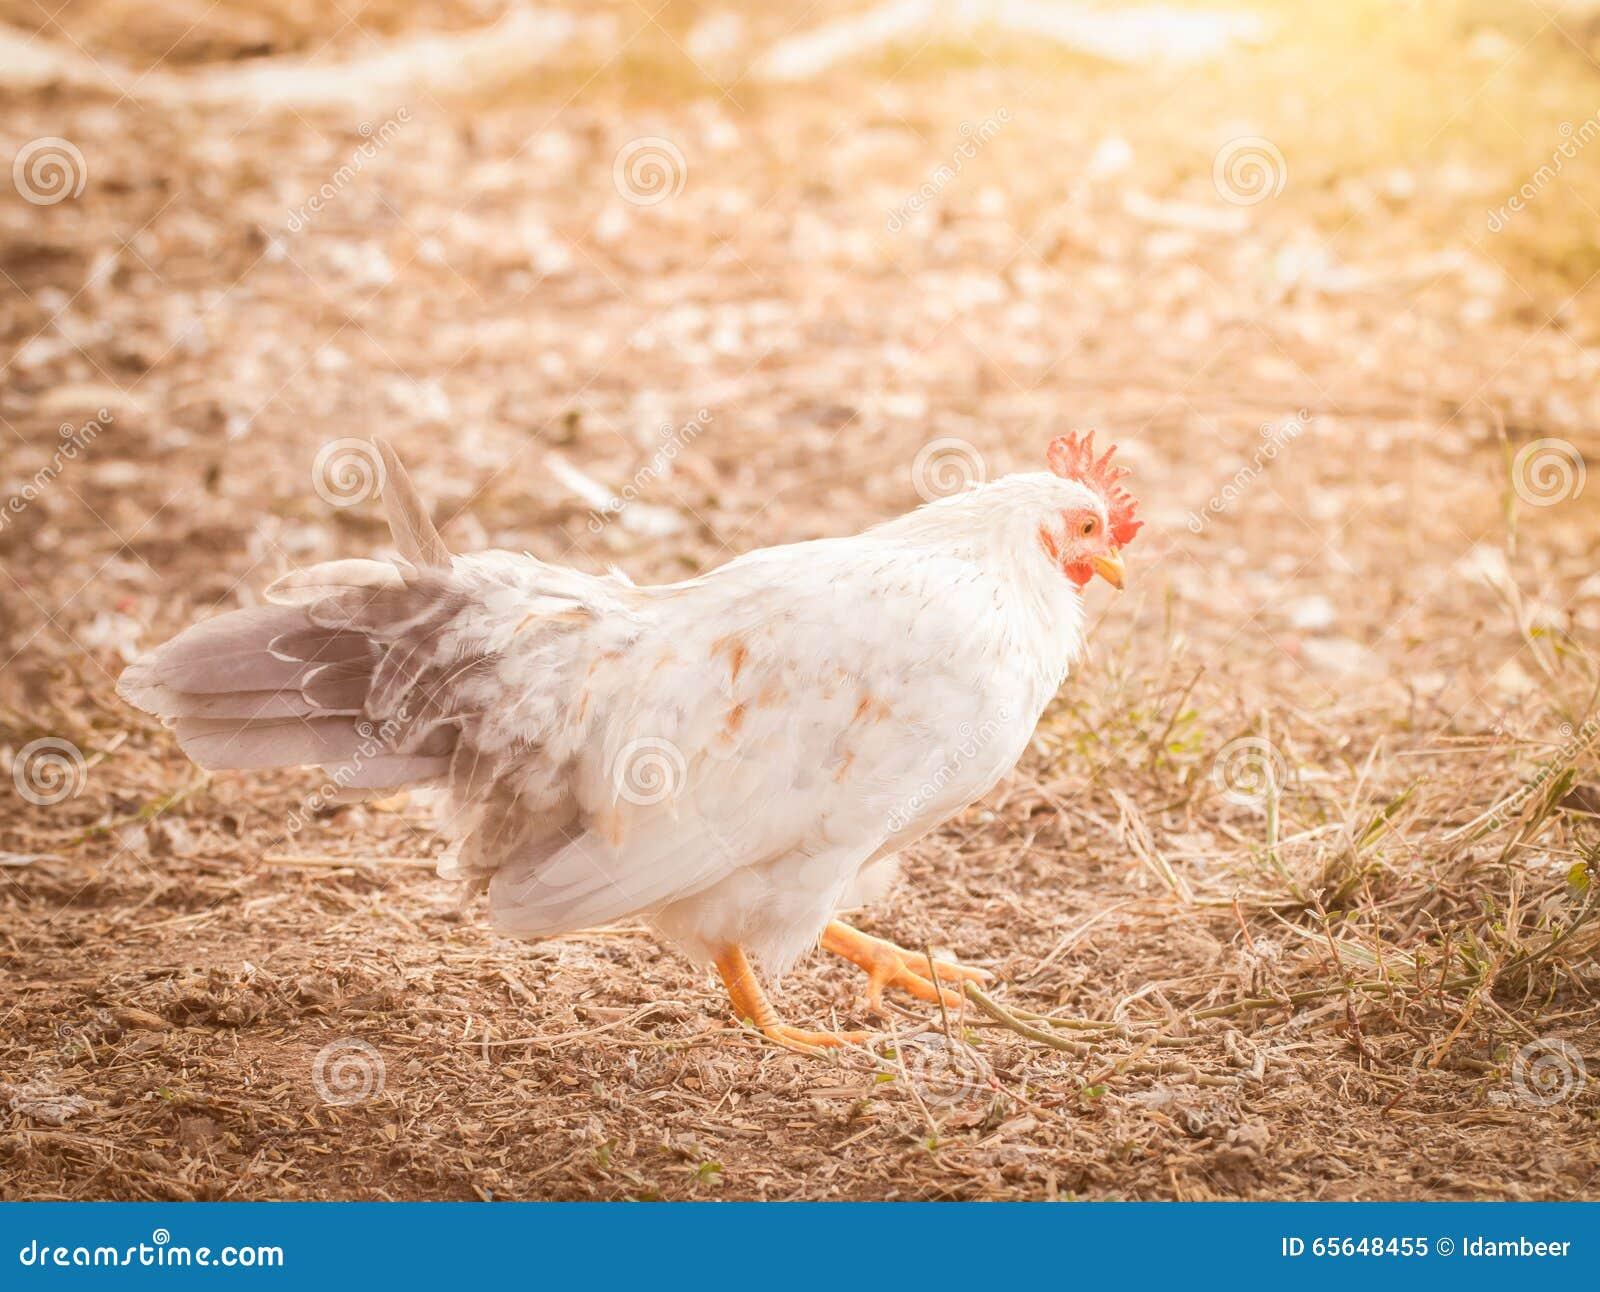 Coq nain mignon